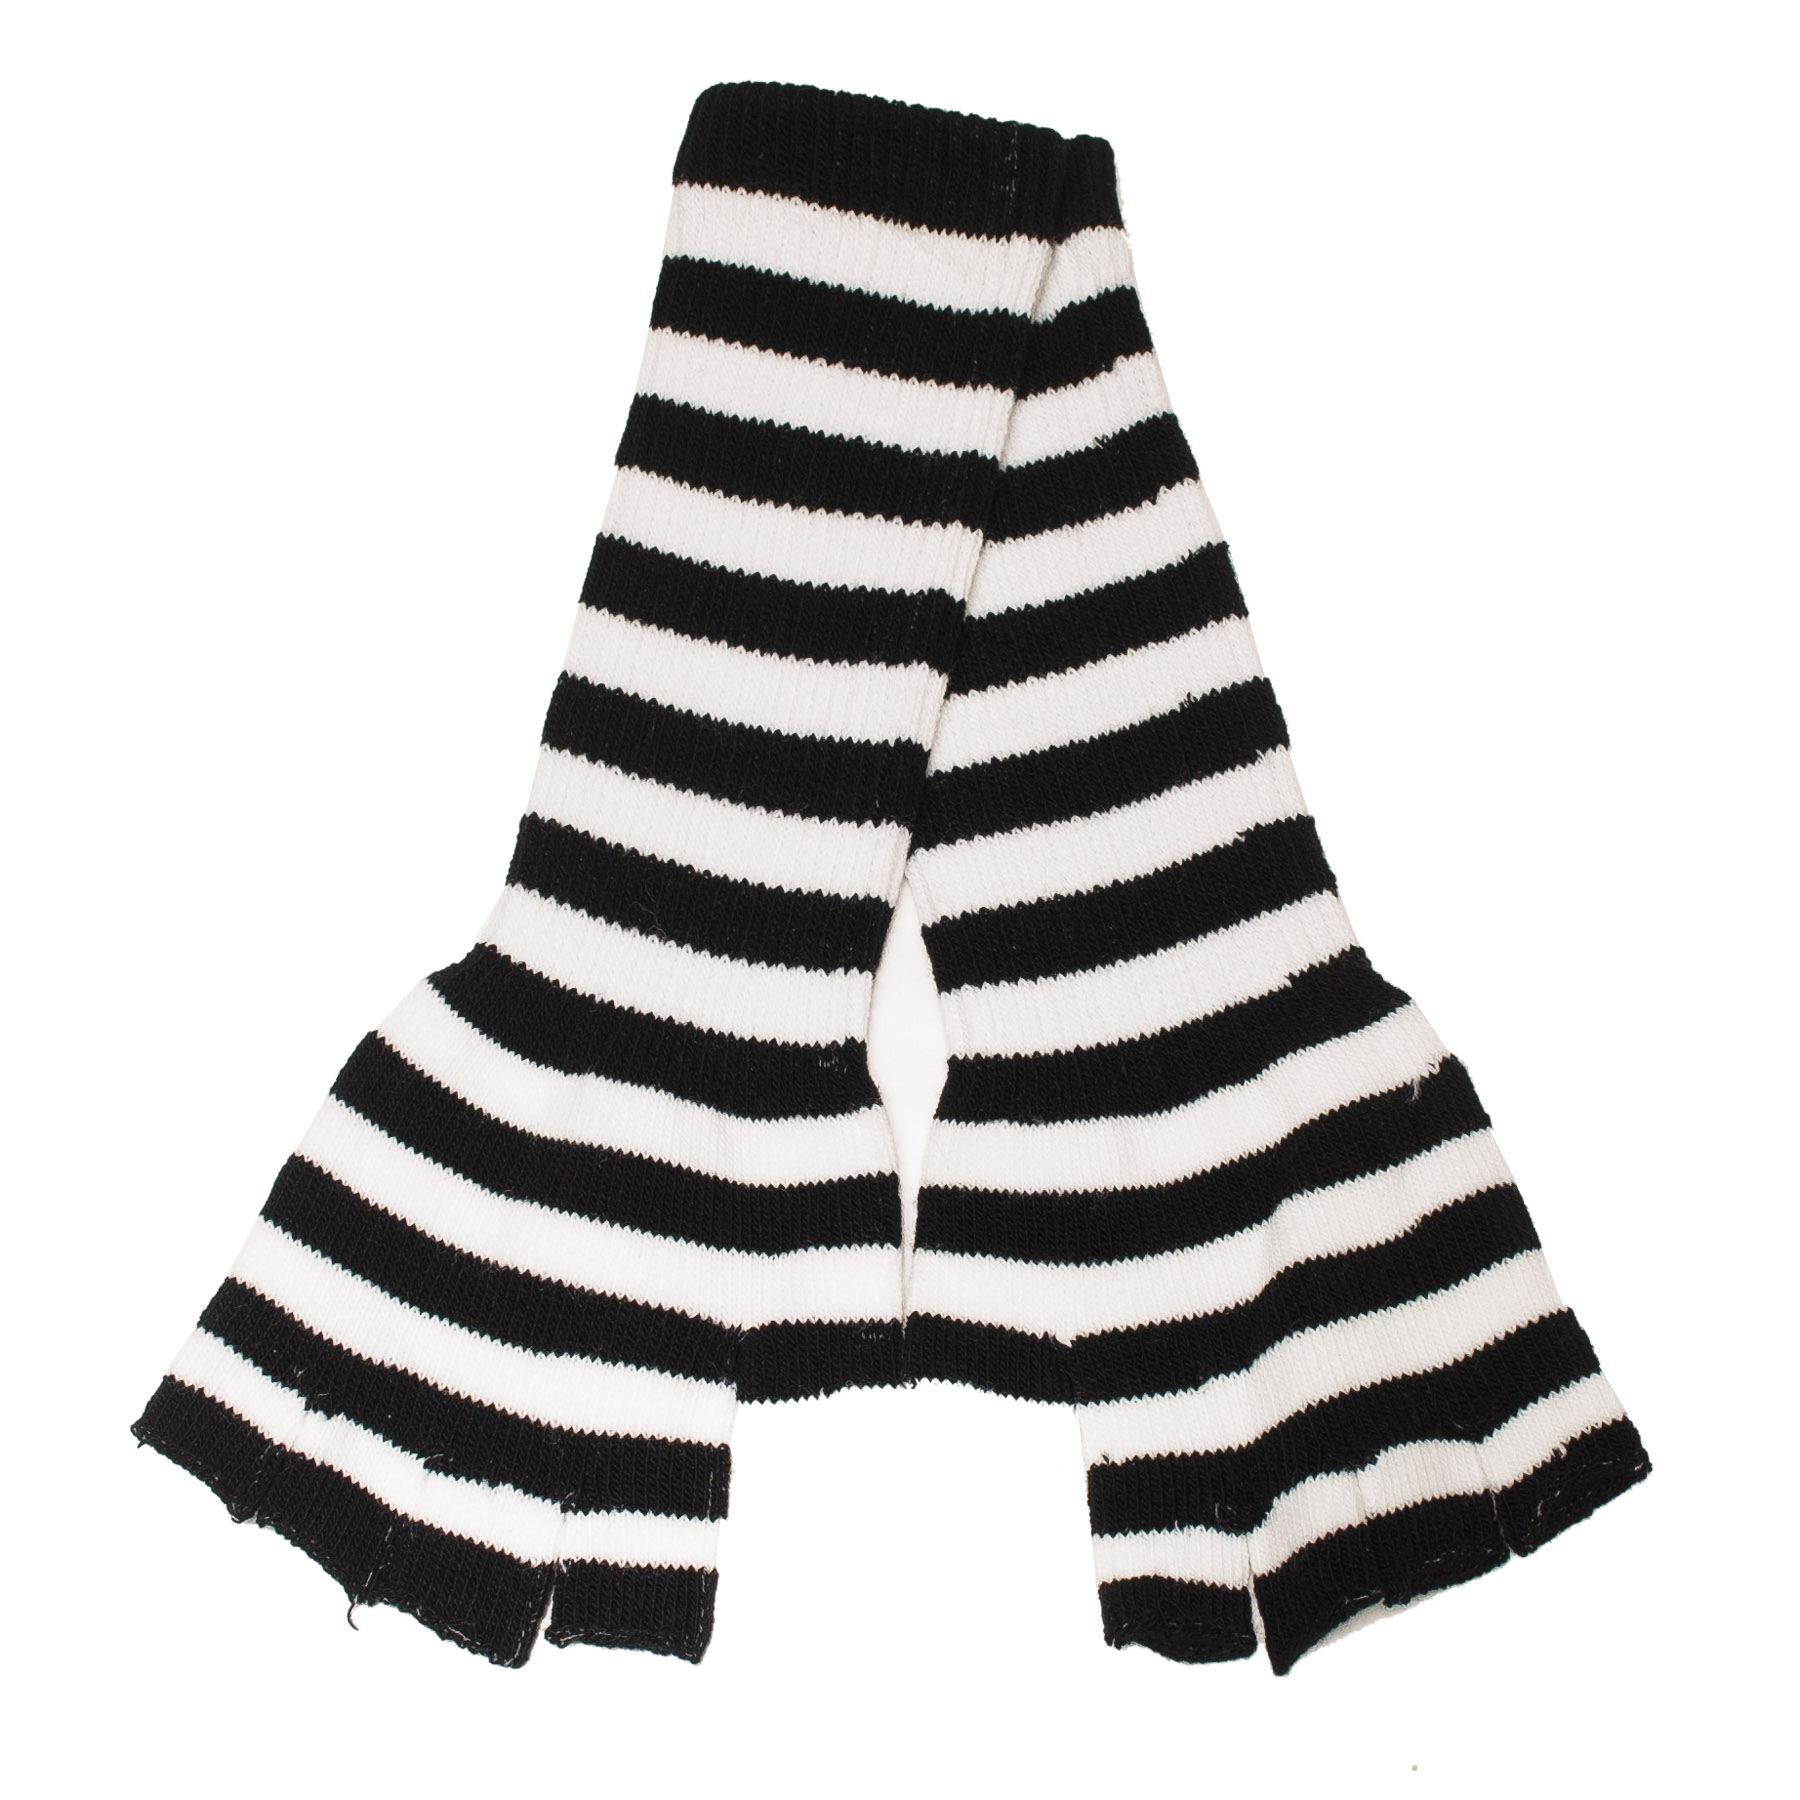 Unisex-Long-Fingerless-Gloves-with-Stripes